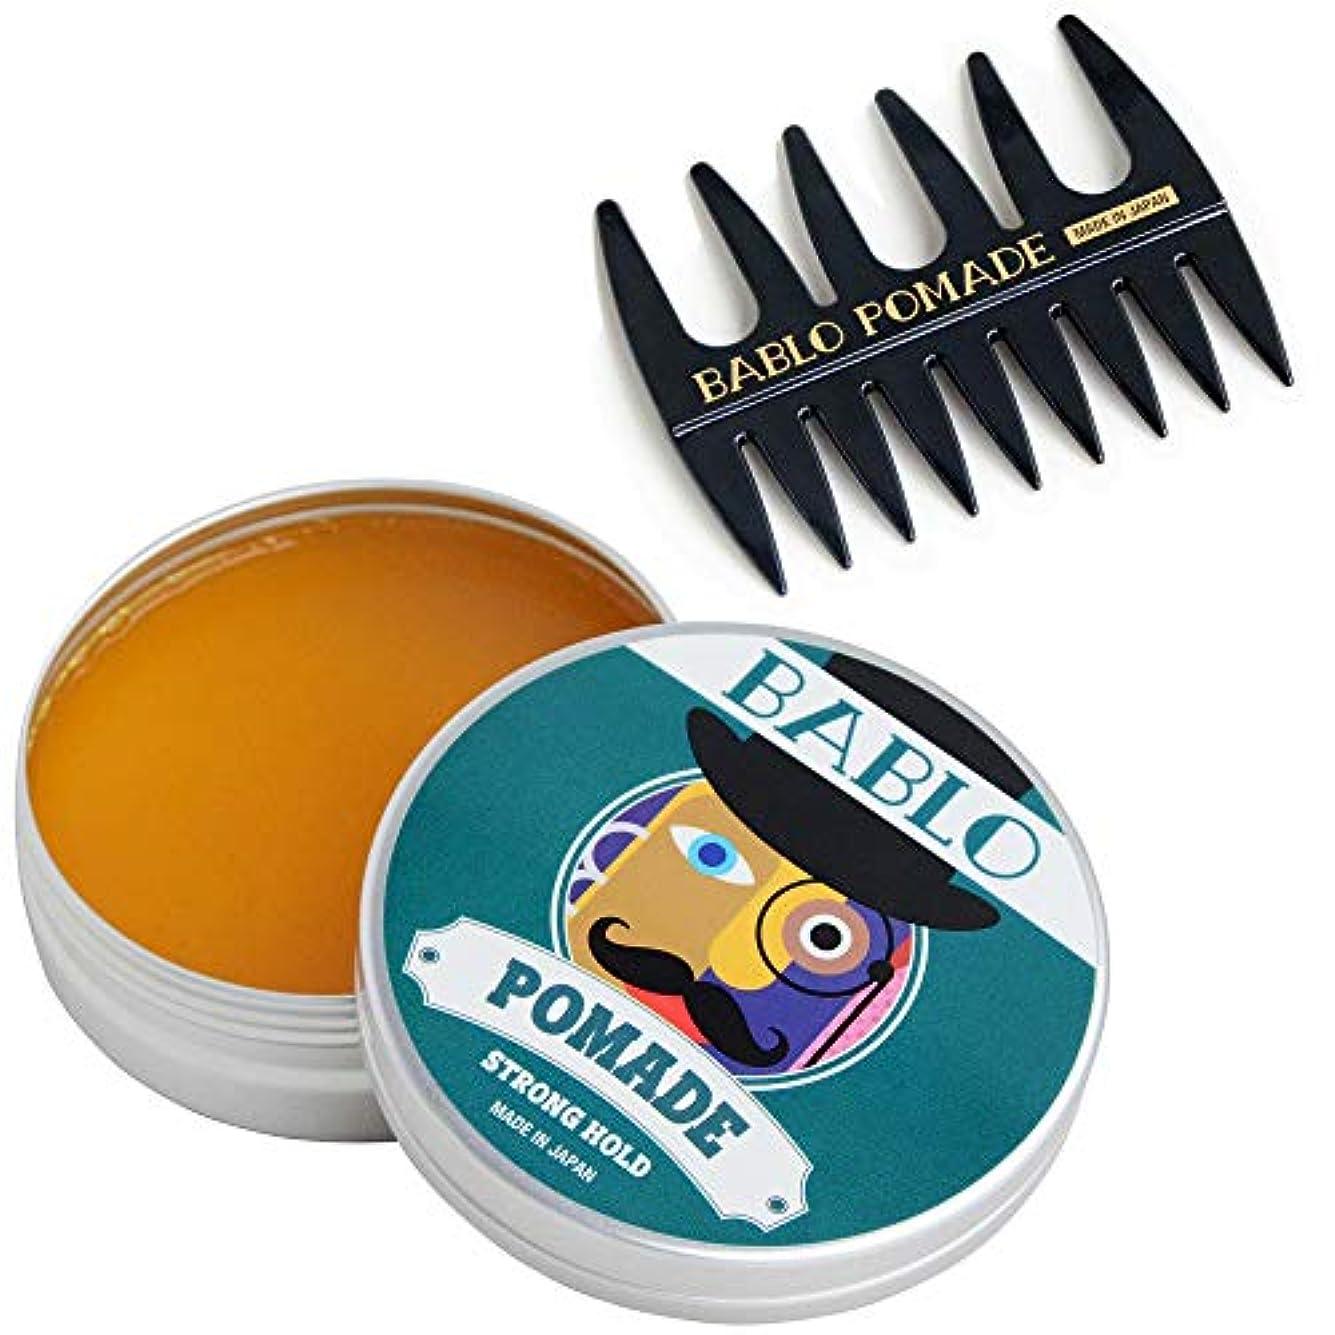 カナダ敬側面バブロ ポマード(BABLO POMADE) ストロング ホールド メンズ 整髪料 水性 ヘアグリース ヘアワックス (単品&メッシュコーム付)